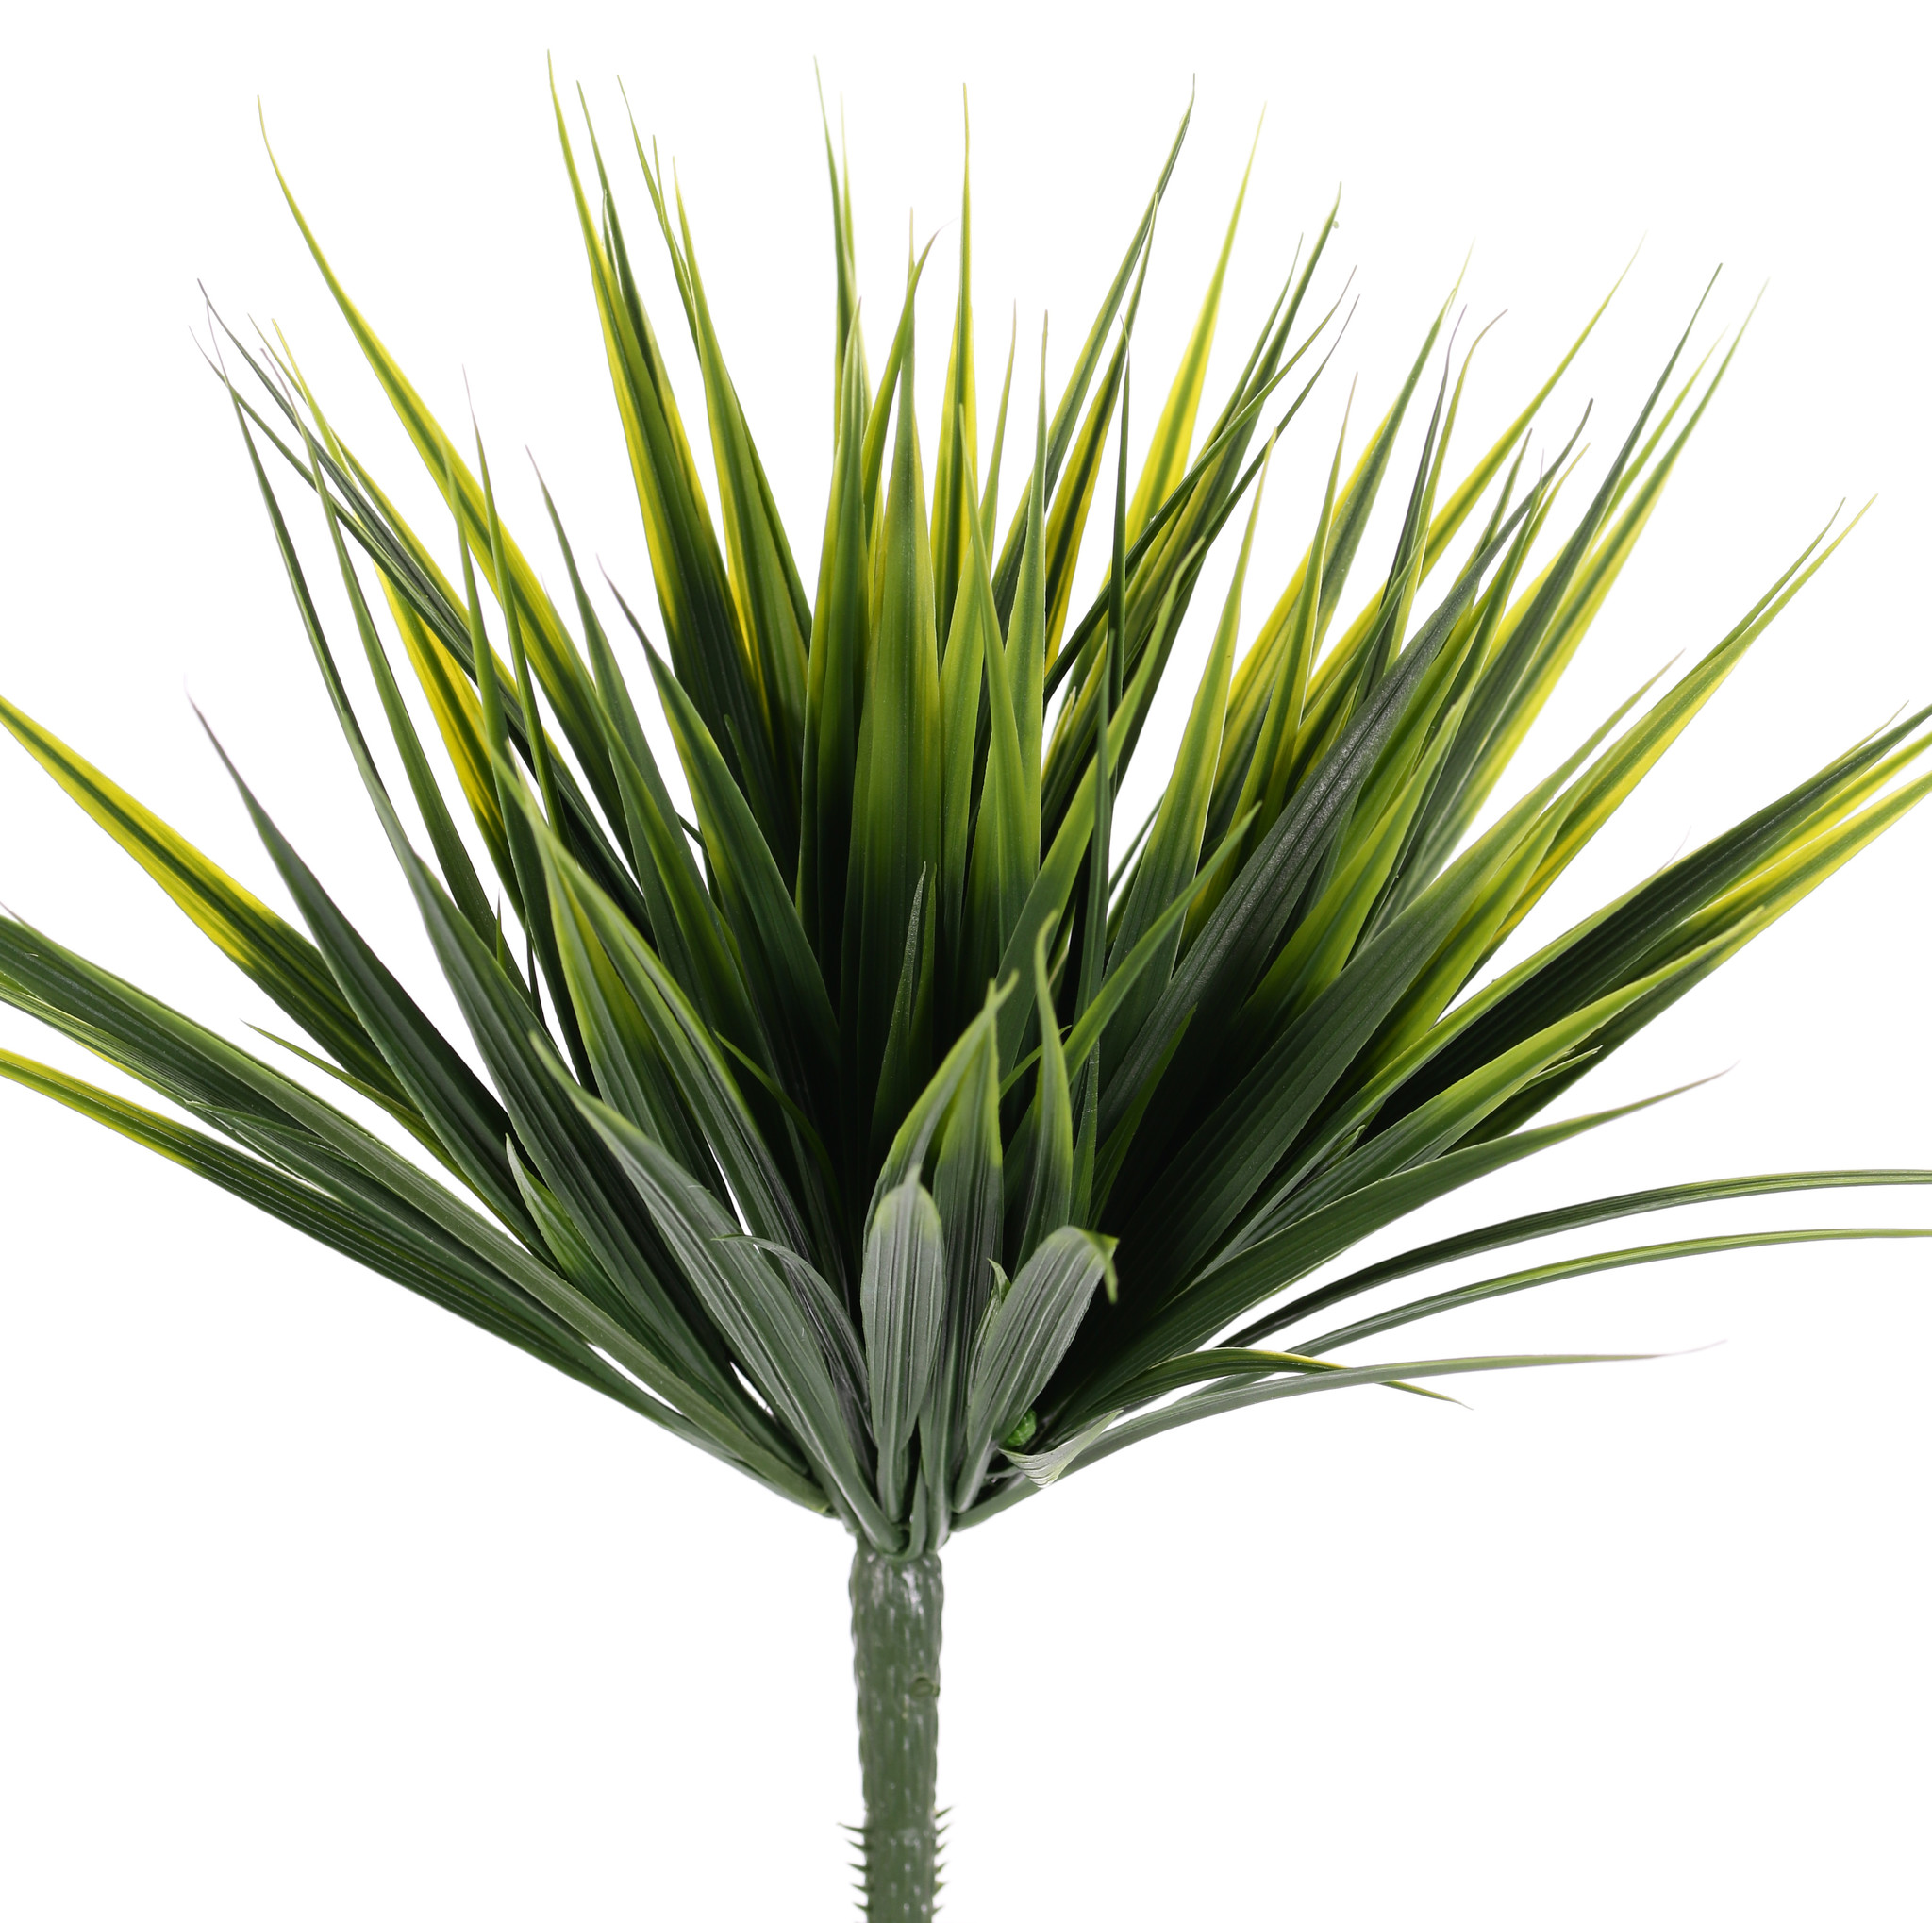 Grasbusch mit 126 Grashalmen, UV sicher, 30cm (inkl. Stiel)